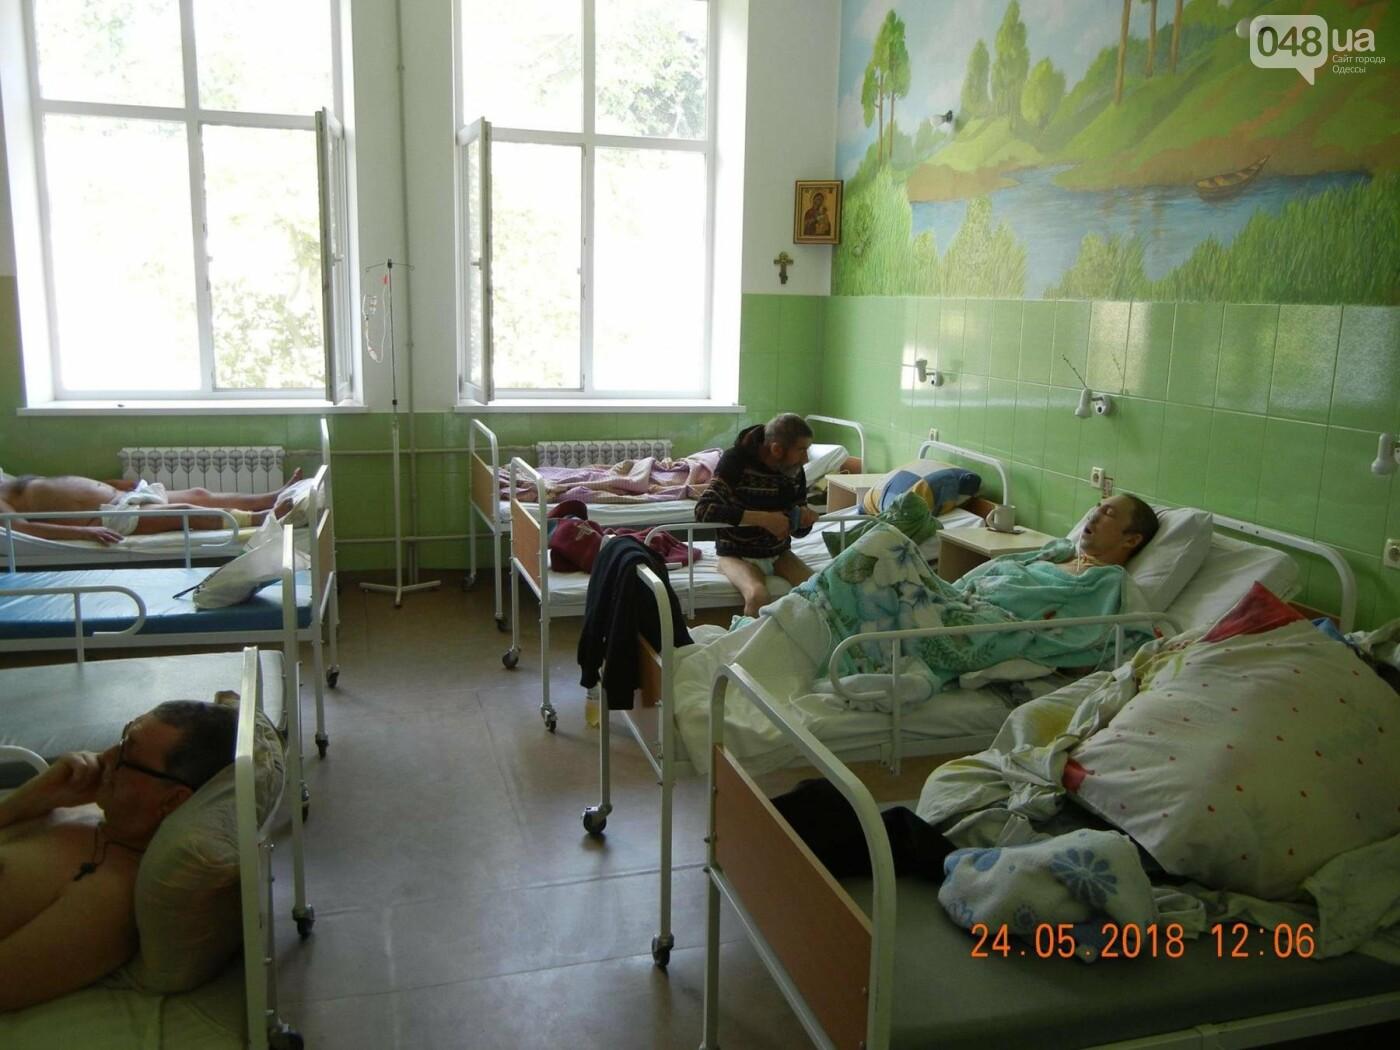 В одесской больнице женщина с последней стадией туберкулеза провела сутки в общей палате, - ФОТО, фото-3